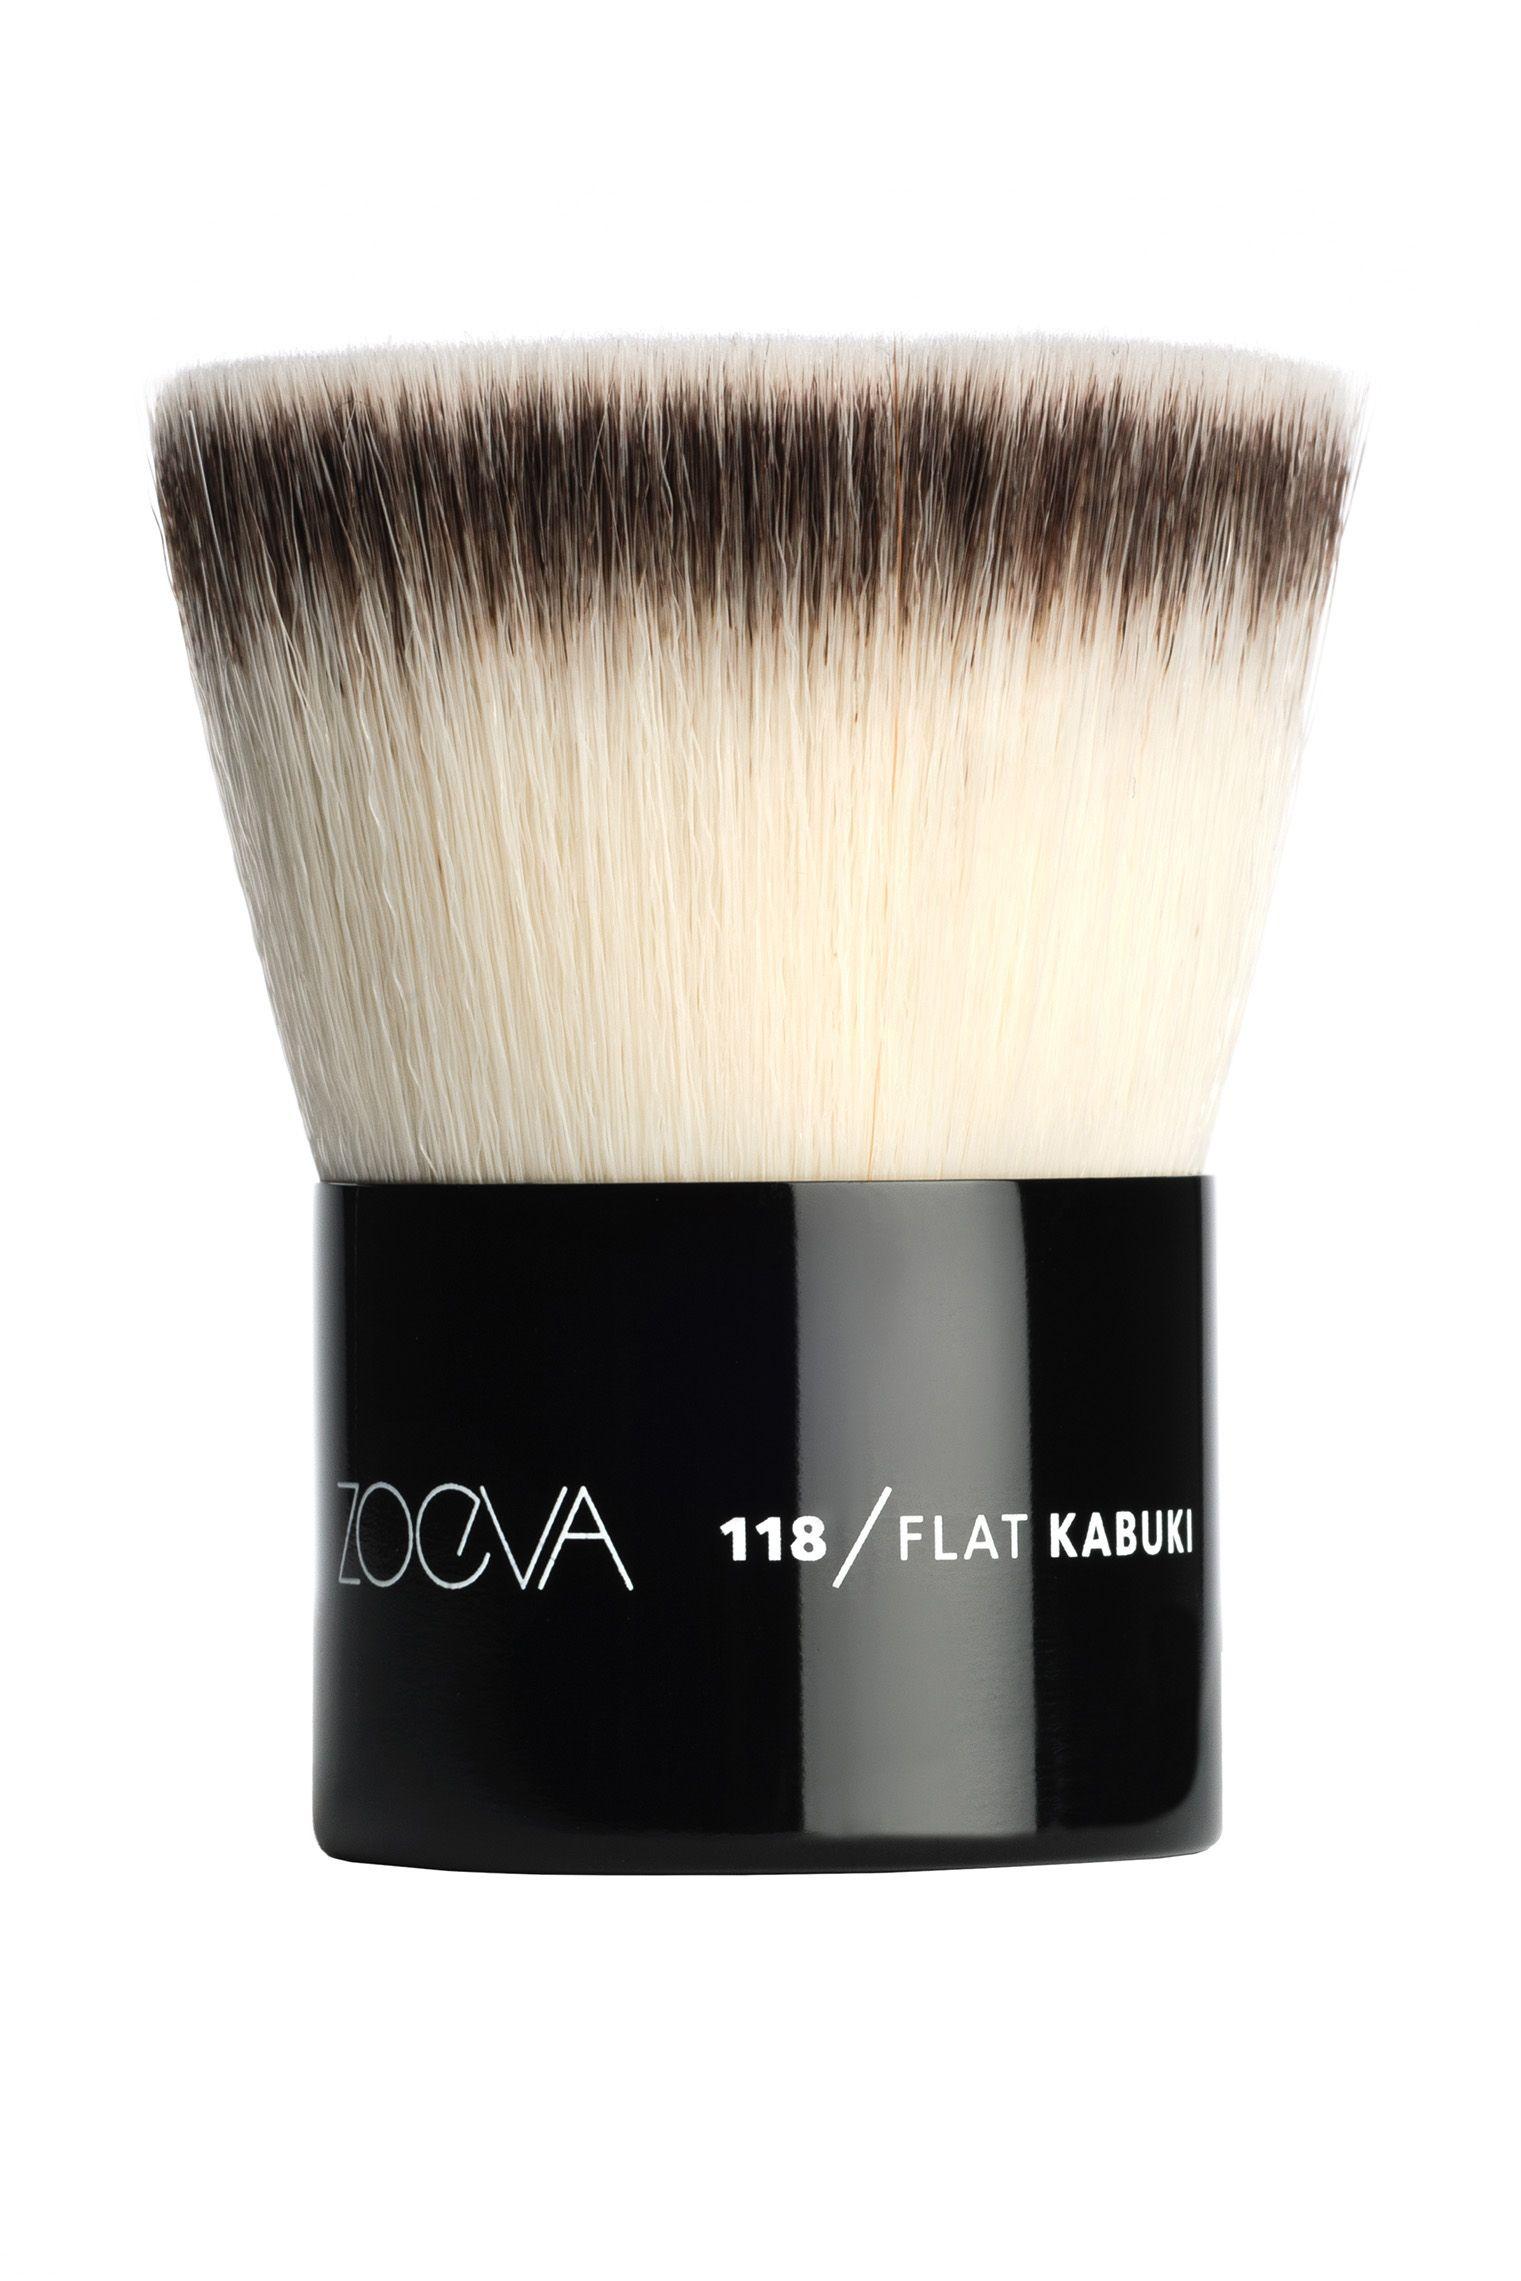 ZOEVA 118 Flat Kabuki Brush